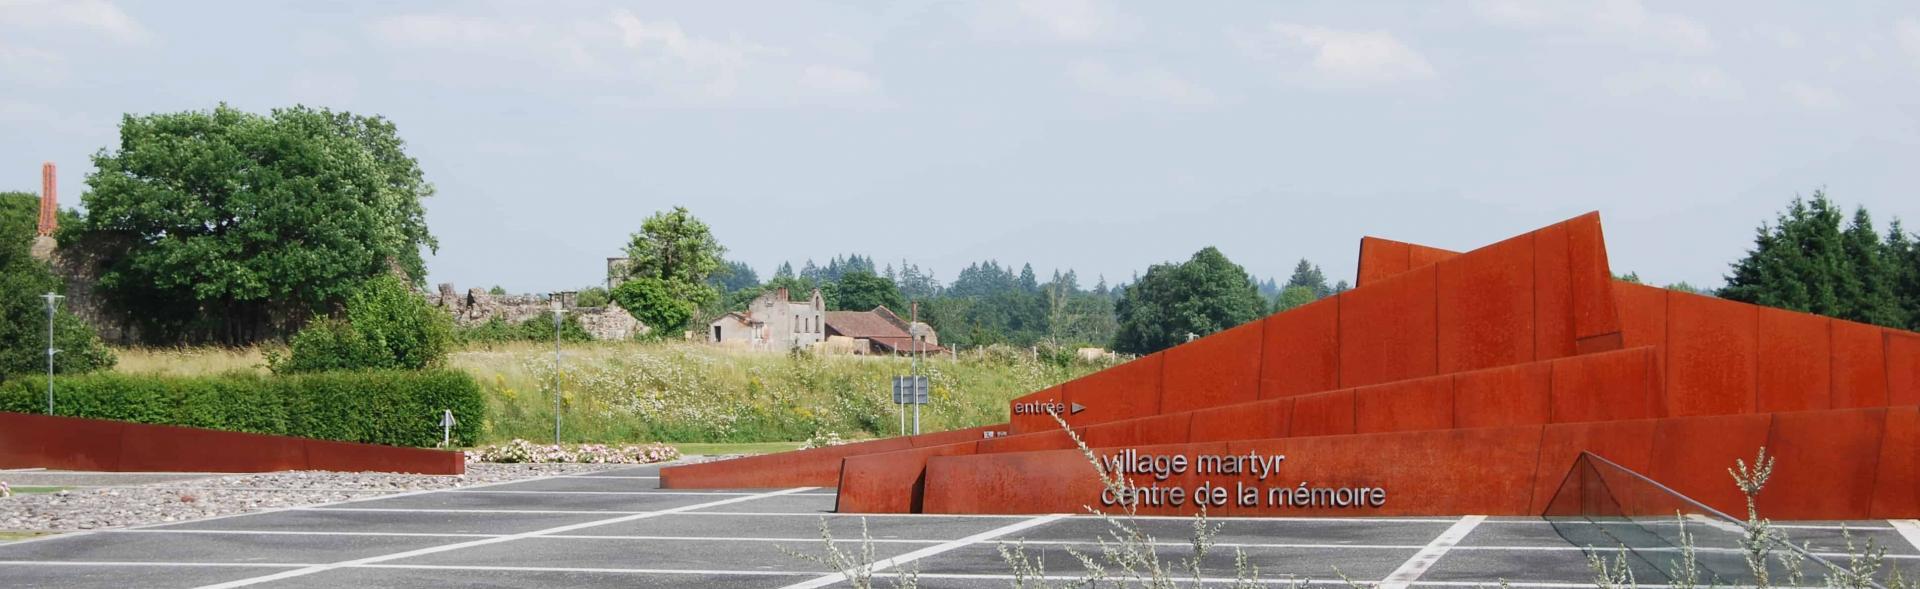 Actualités Musée Oradour-sur-Glane